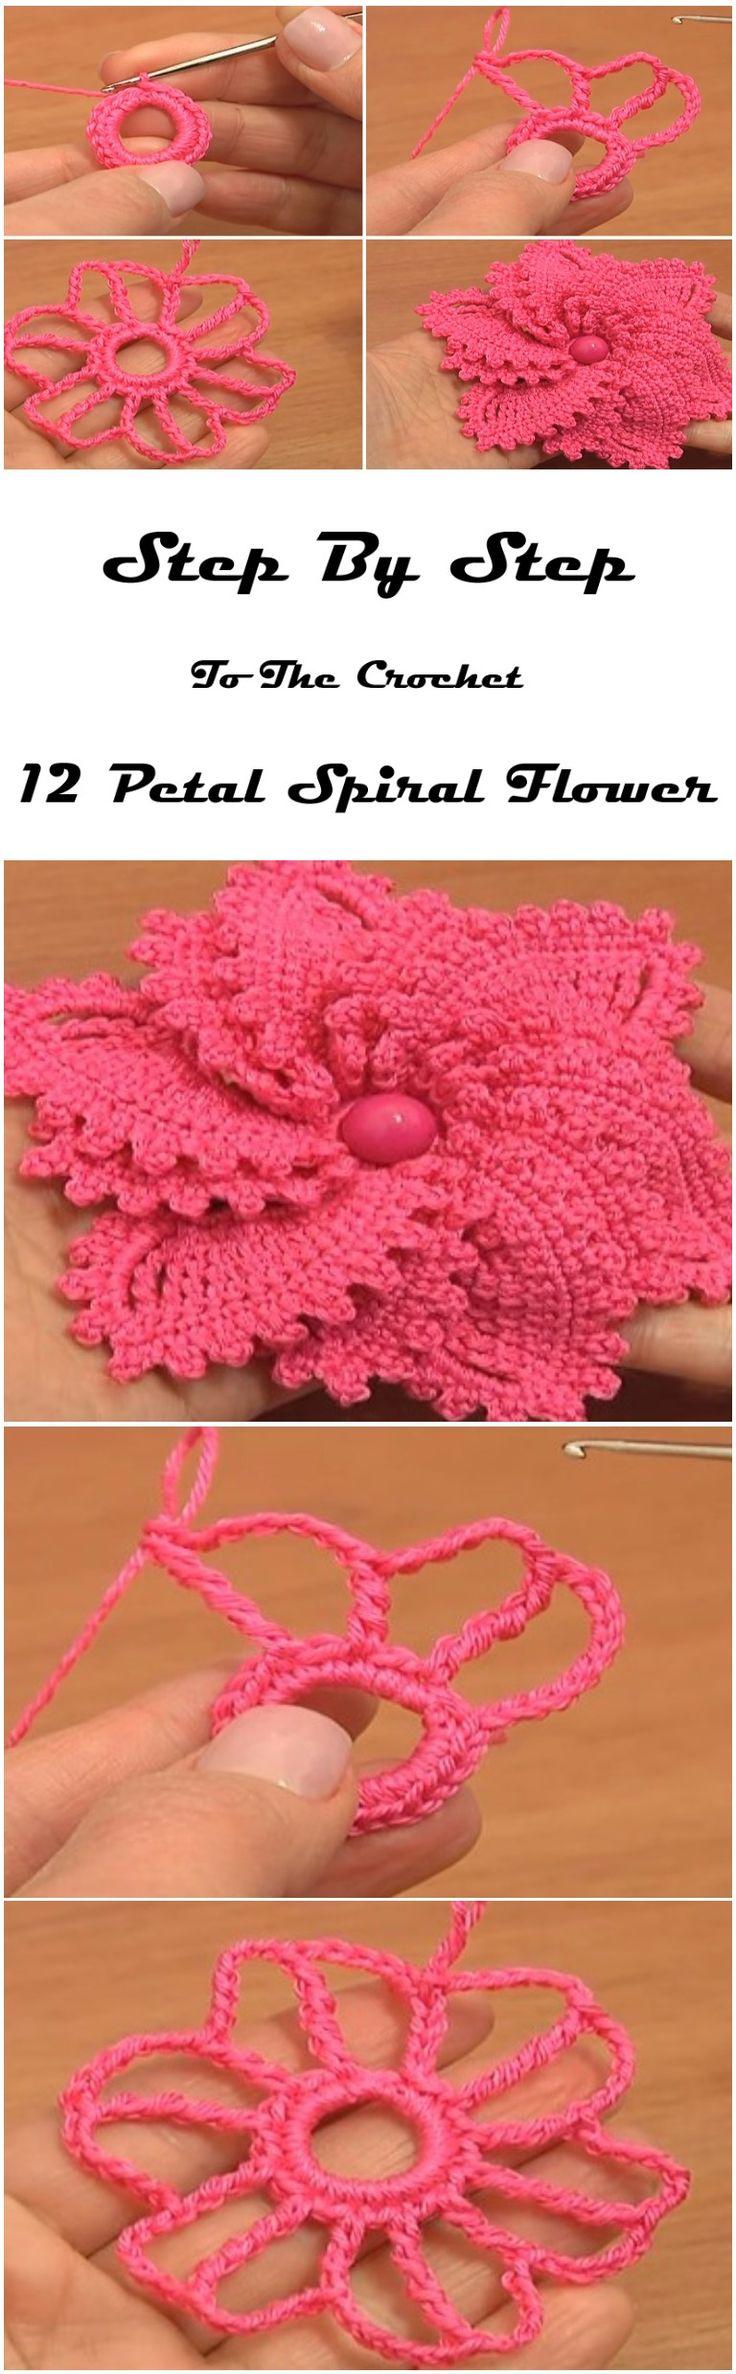 Crochet 12 Petal Spiral Flower